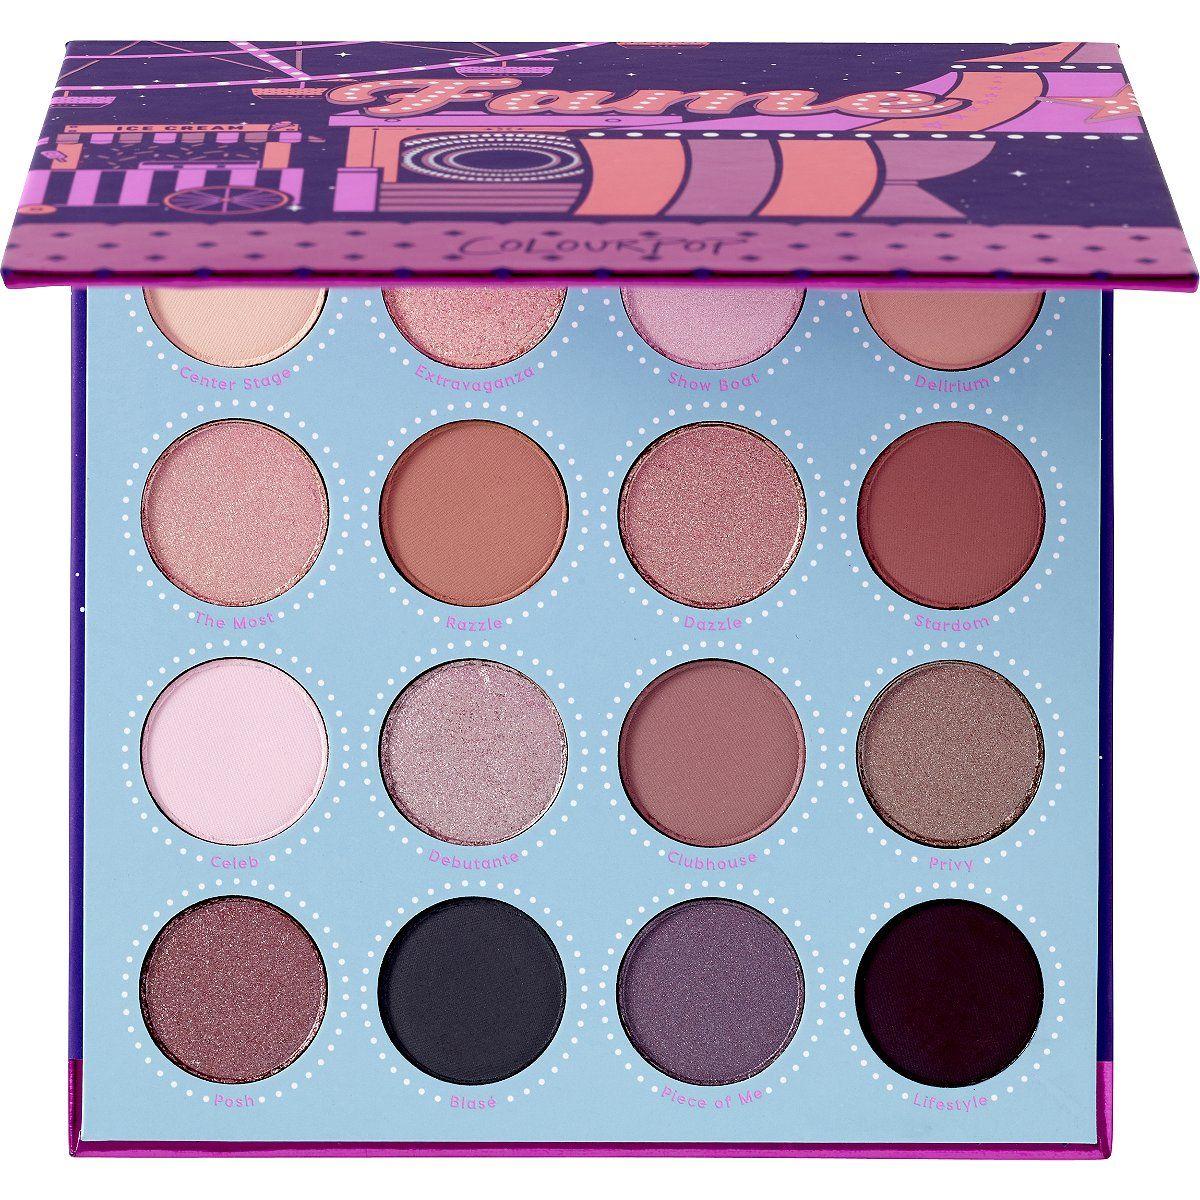 ColourPop Fame Pressed Powder Eyeshadow Palette Ulta